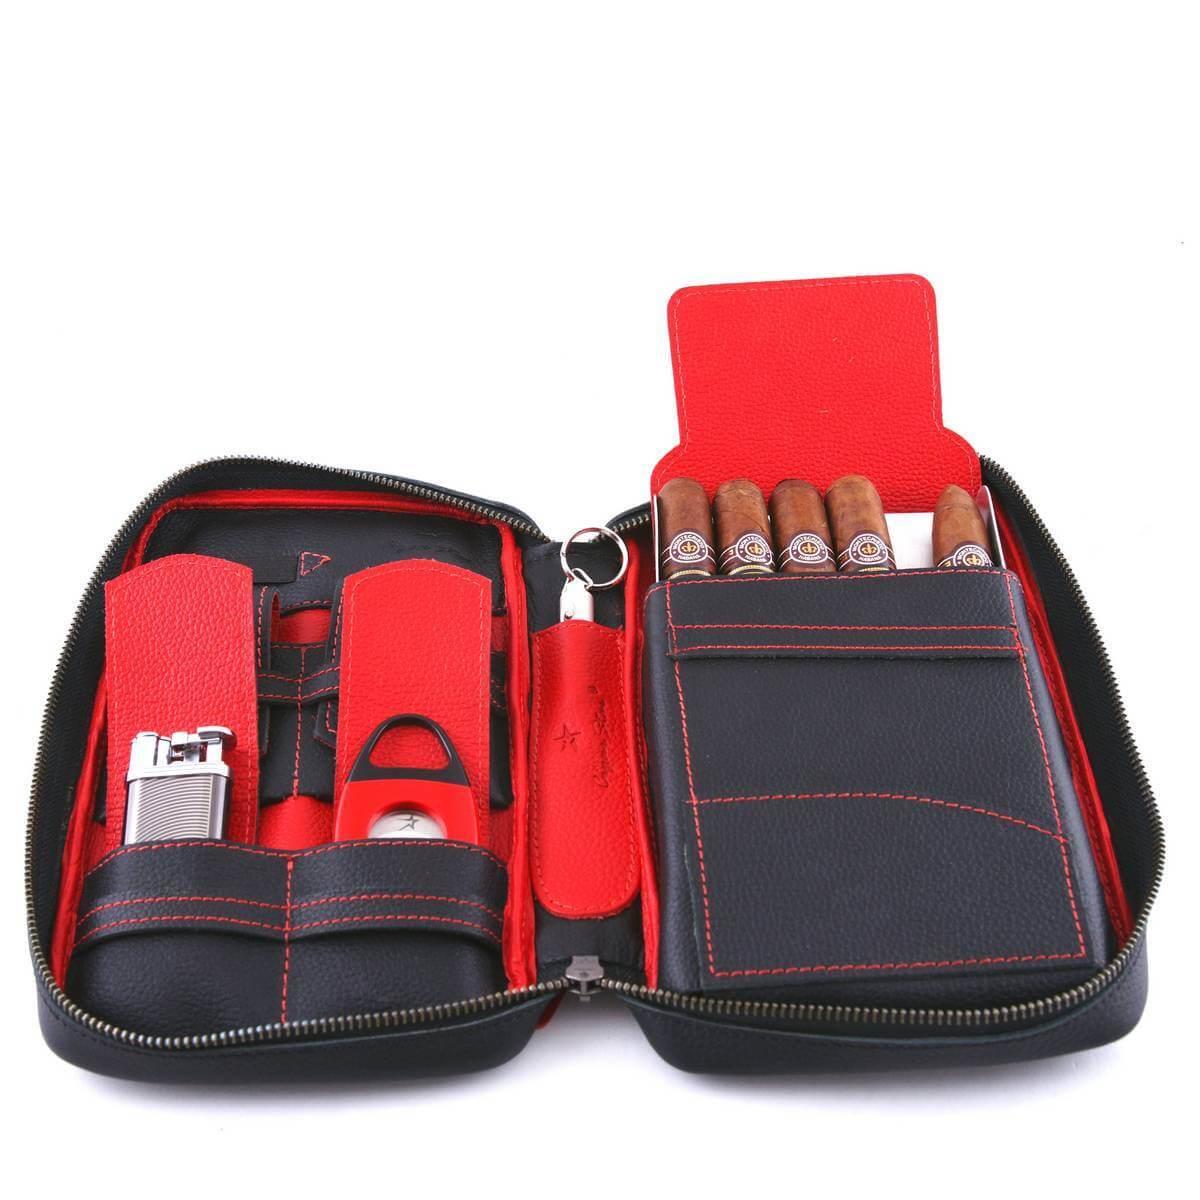 Full Grain Leather Cigar Cases.